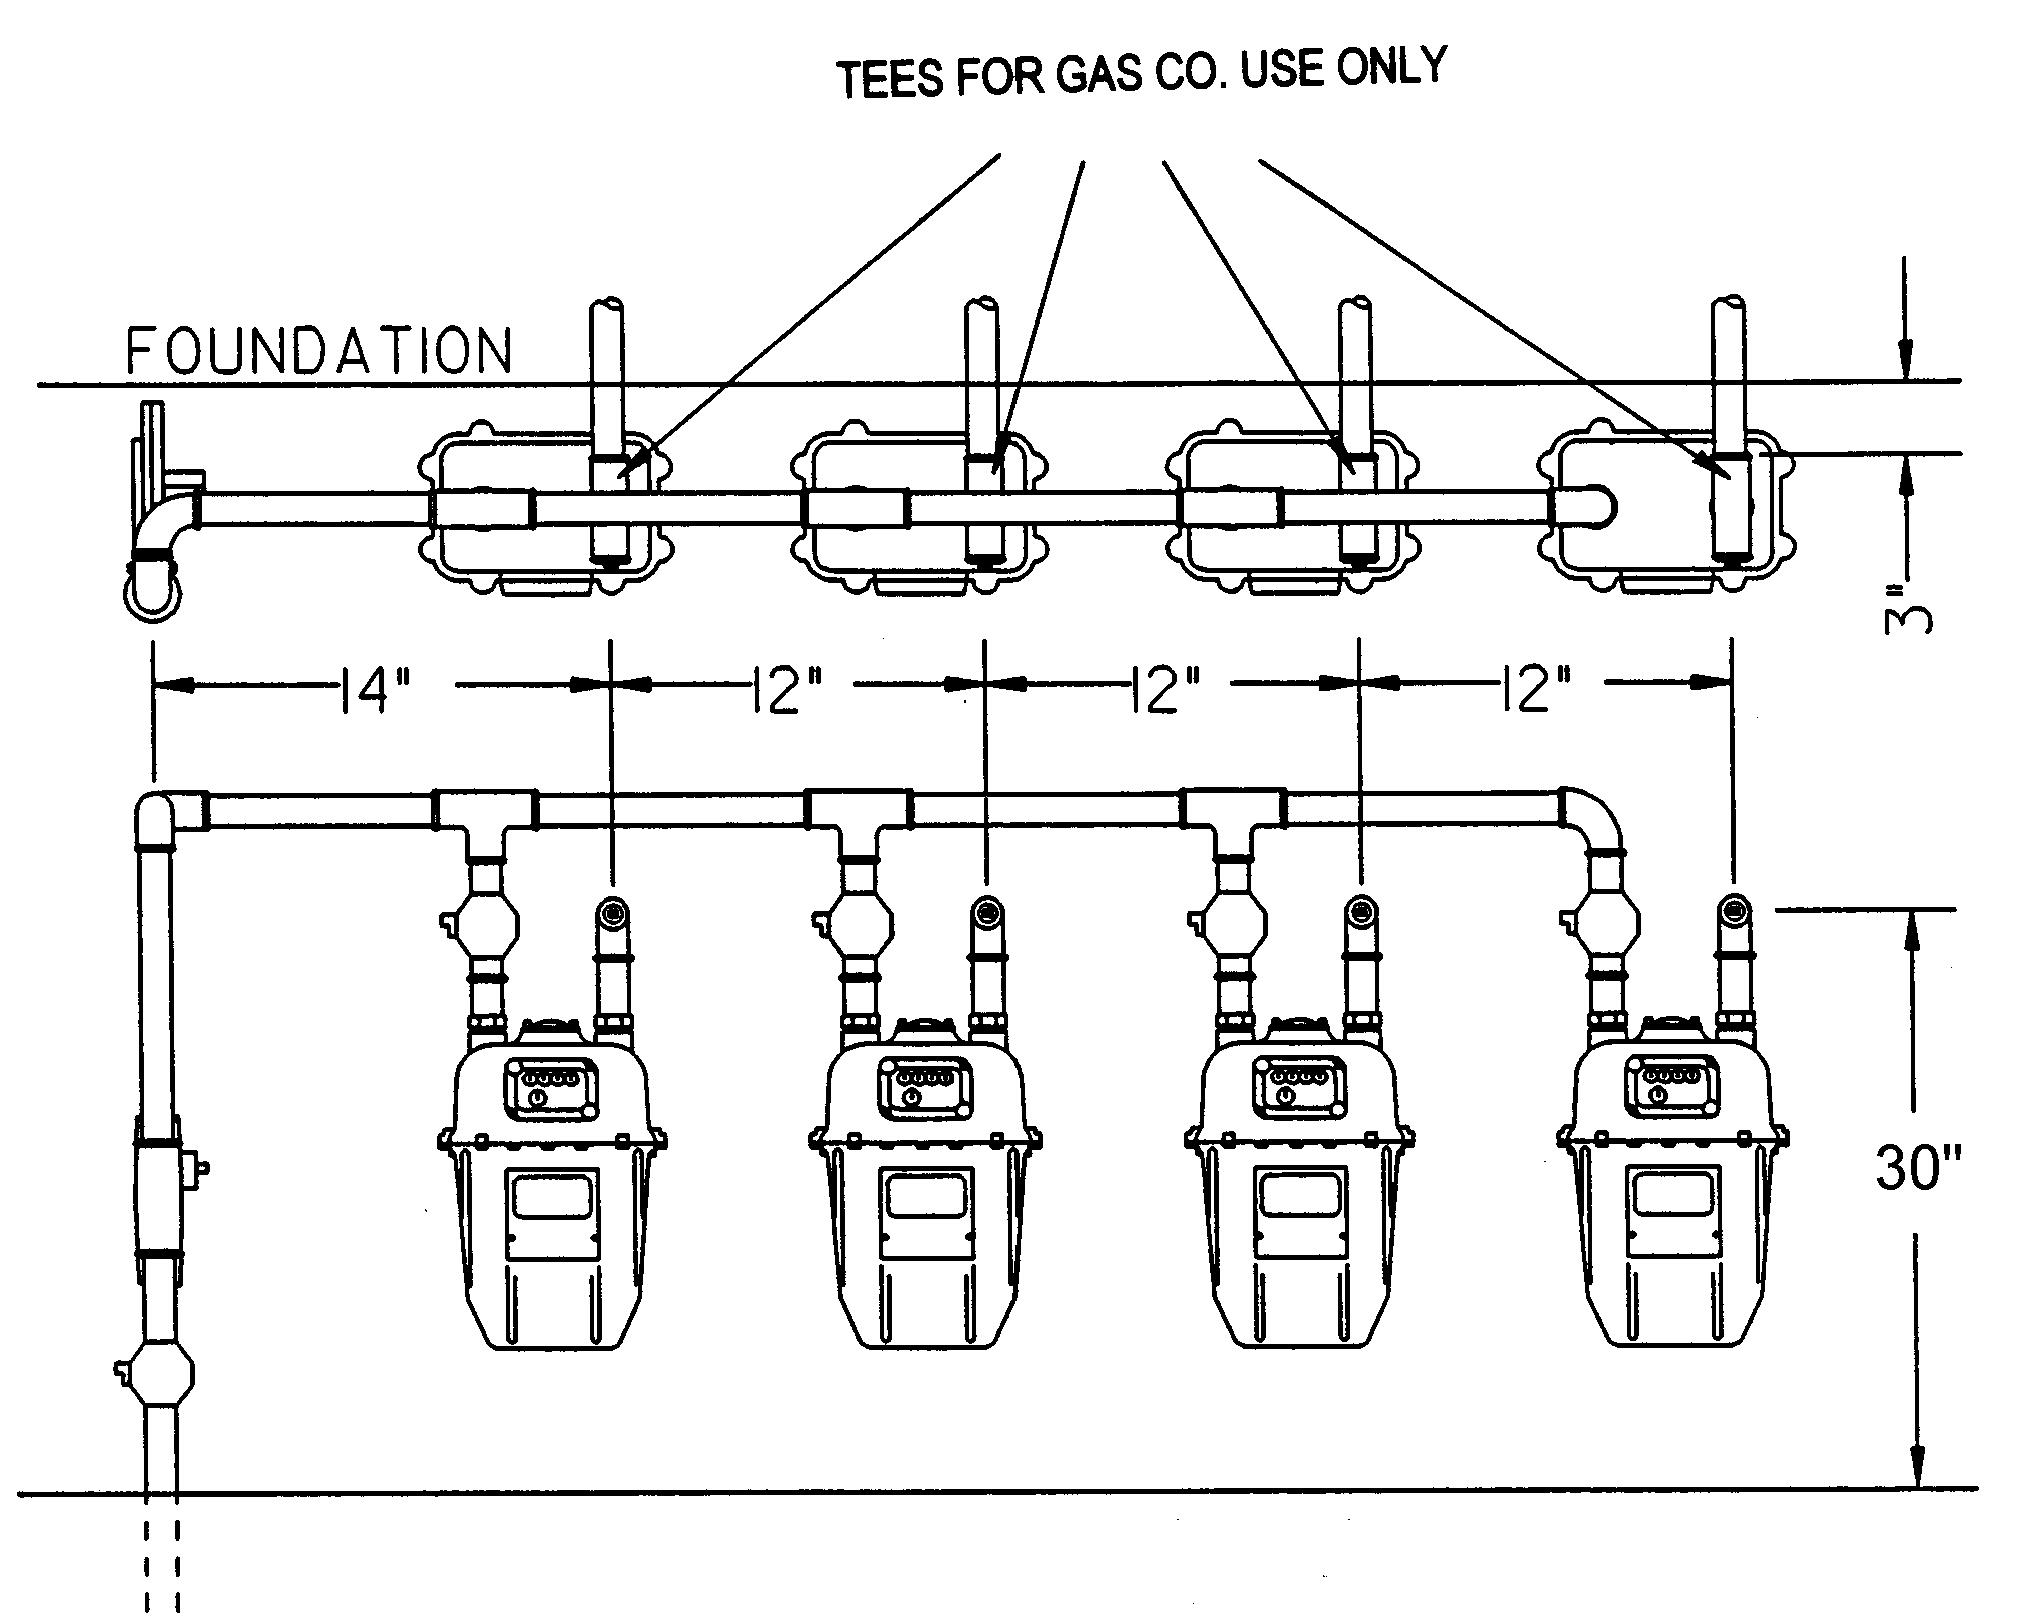 انواع لوله کشی گاز